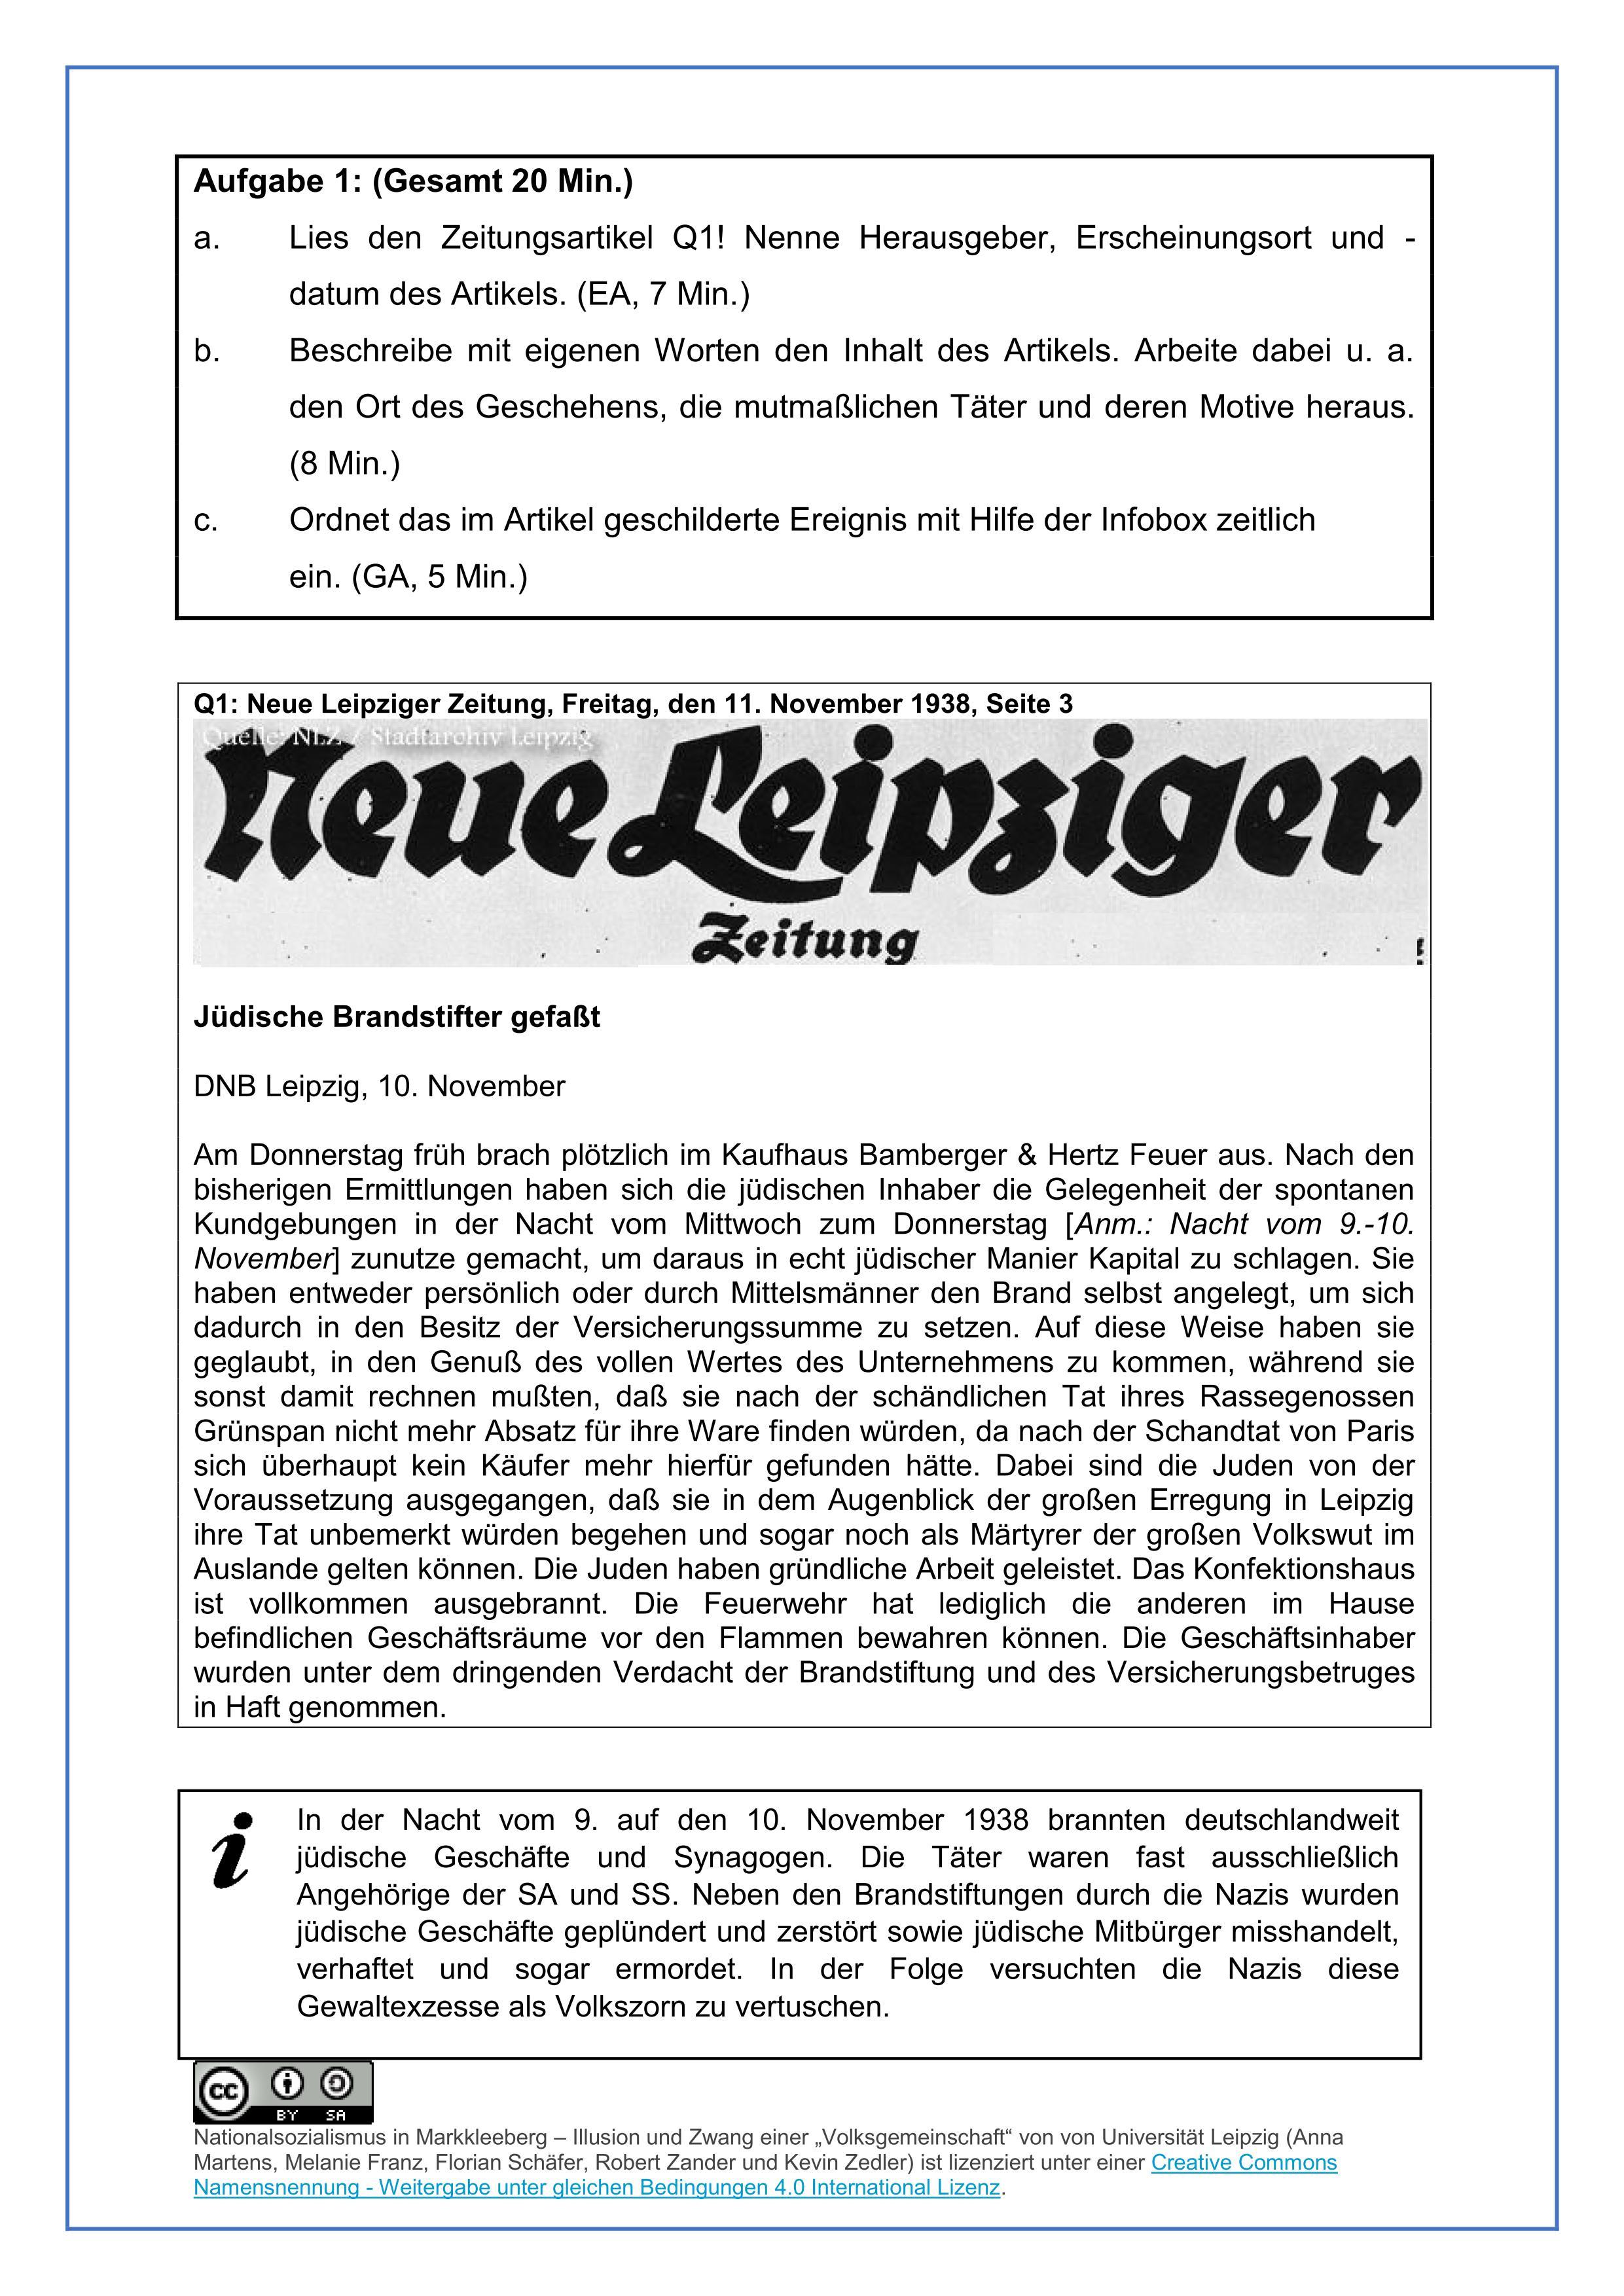 Unterrichtsmaterial - Versteckte Geschichte Markkleeberg ...